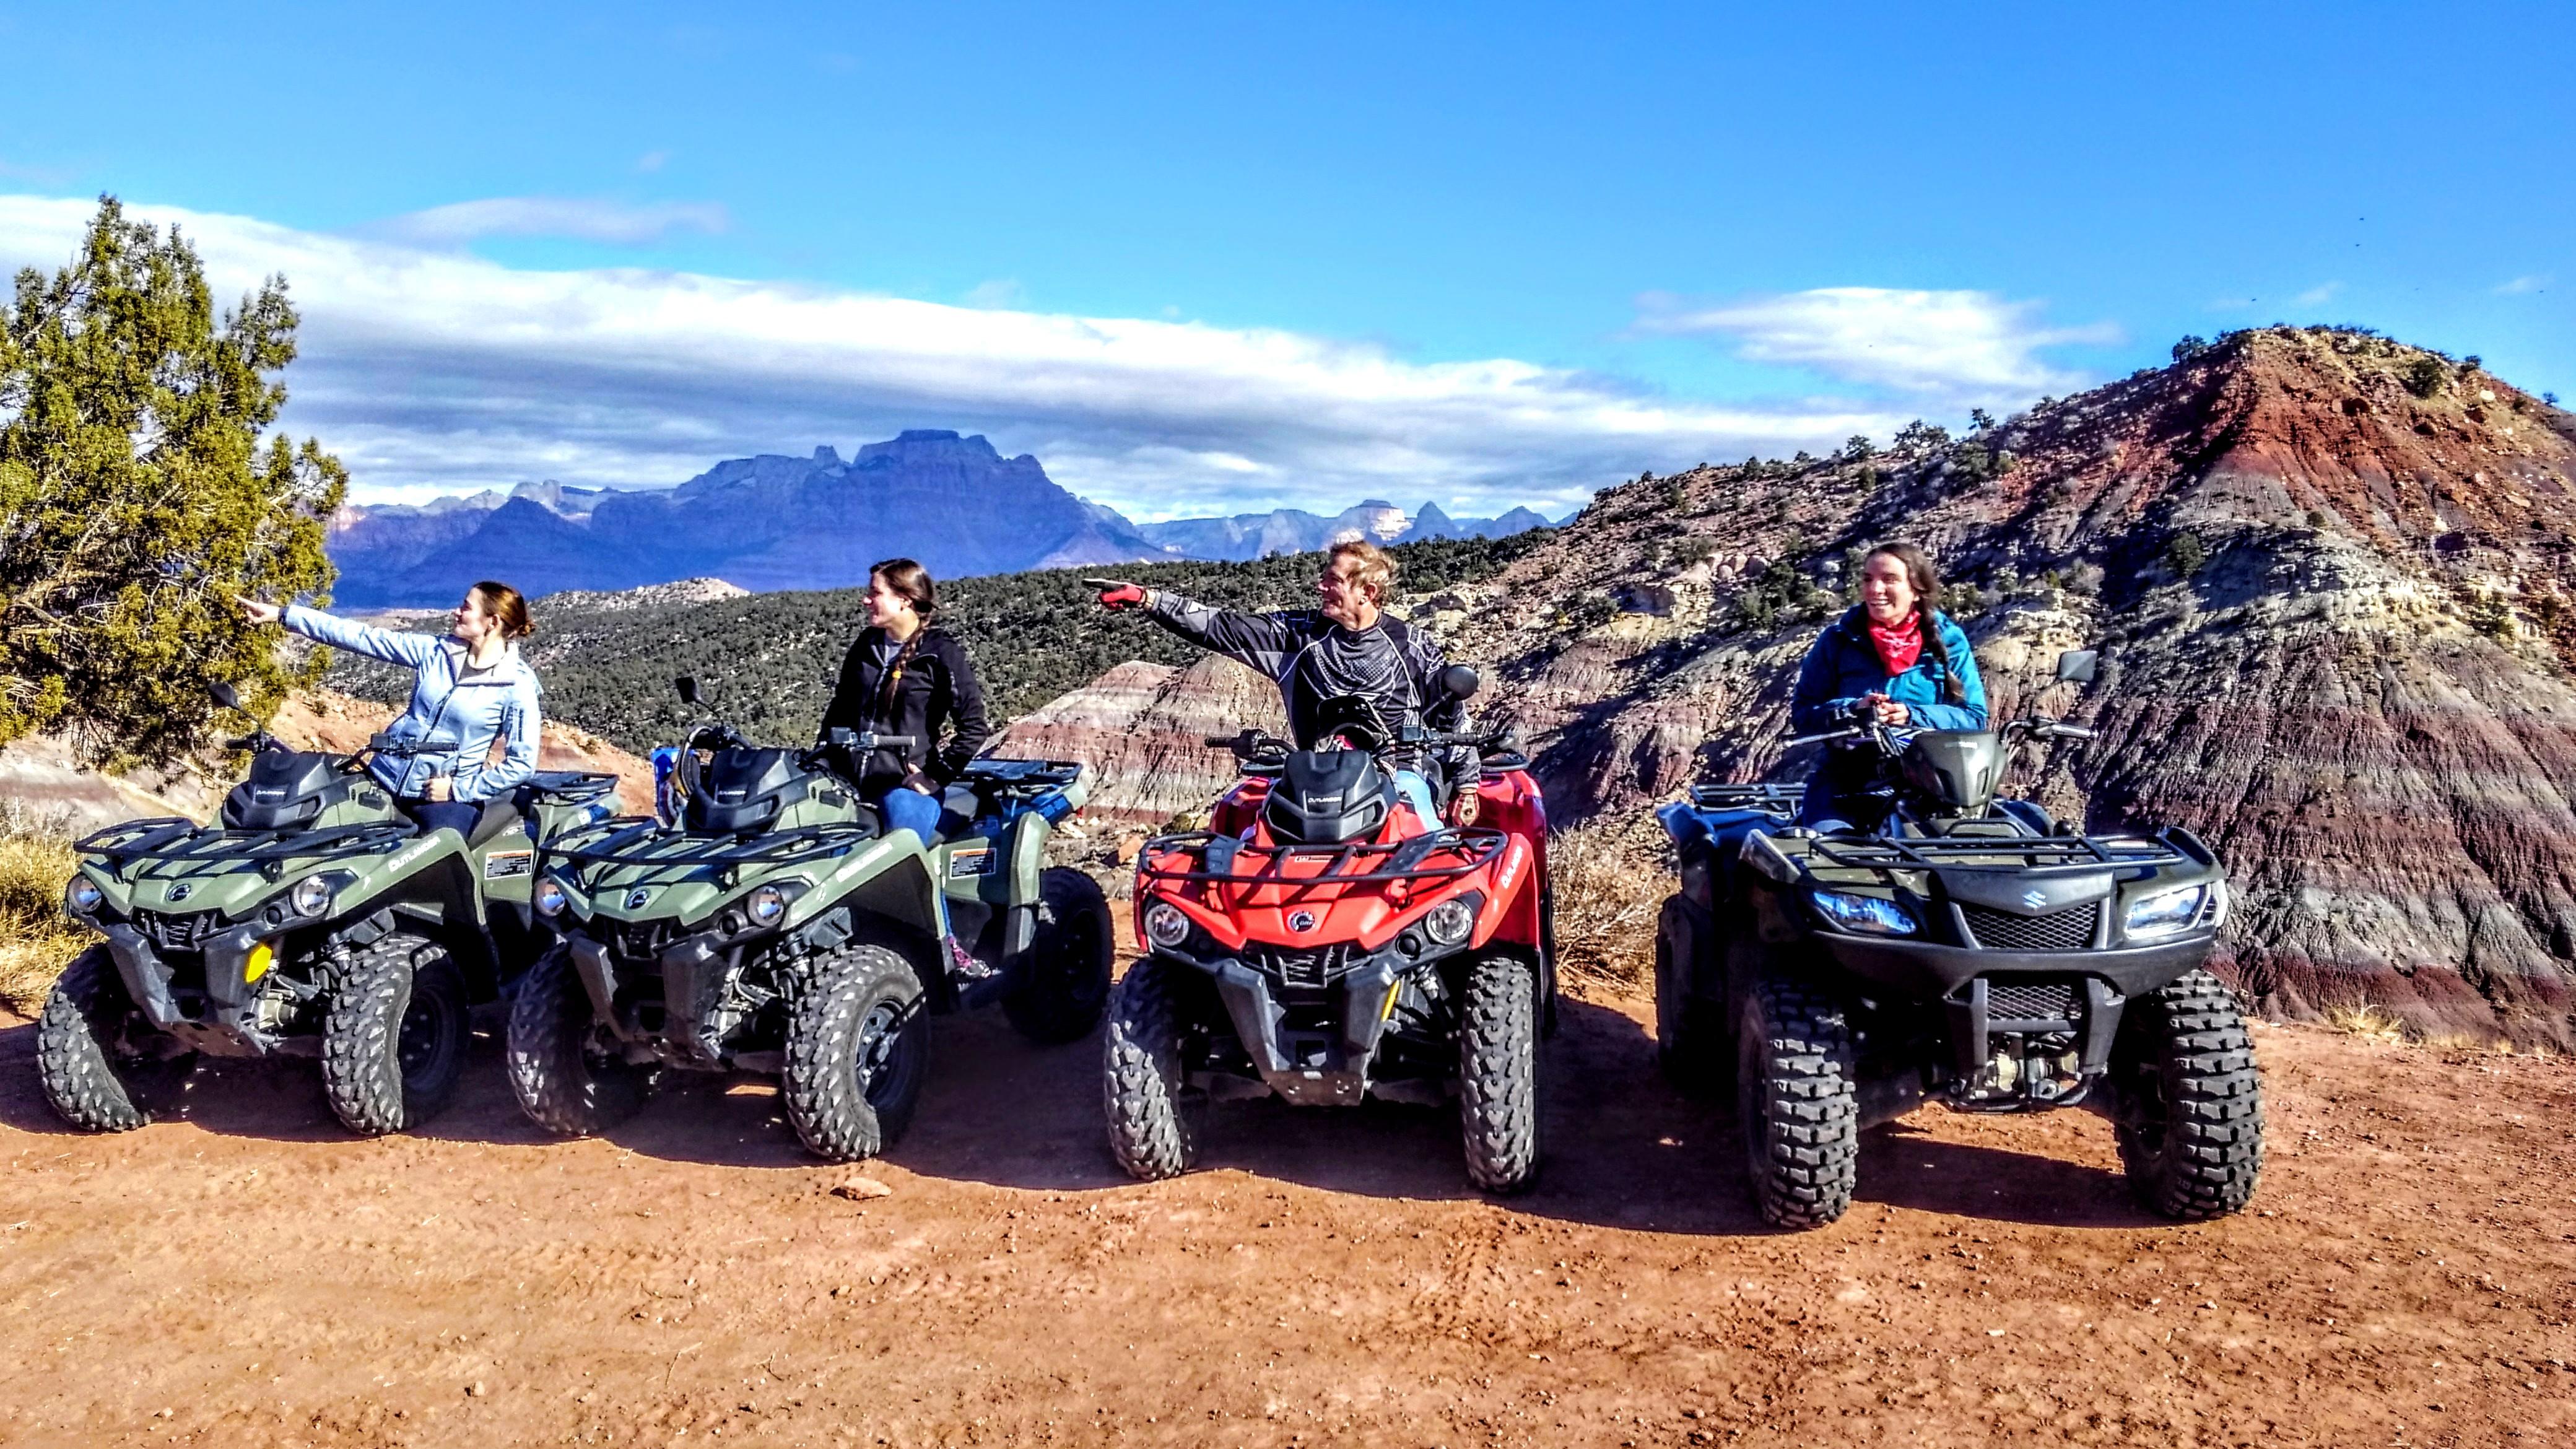 Zion ATV & UTV Tour – Zion ATV Jeep Tours com